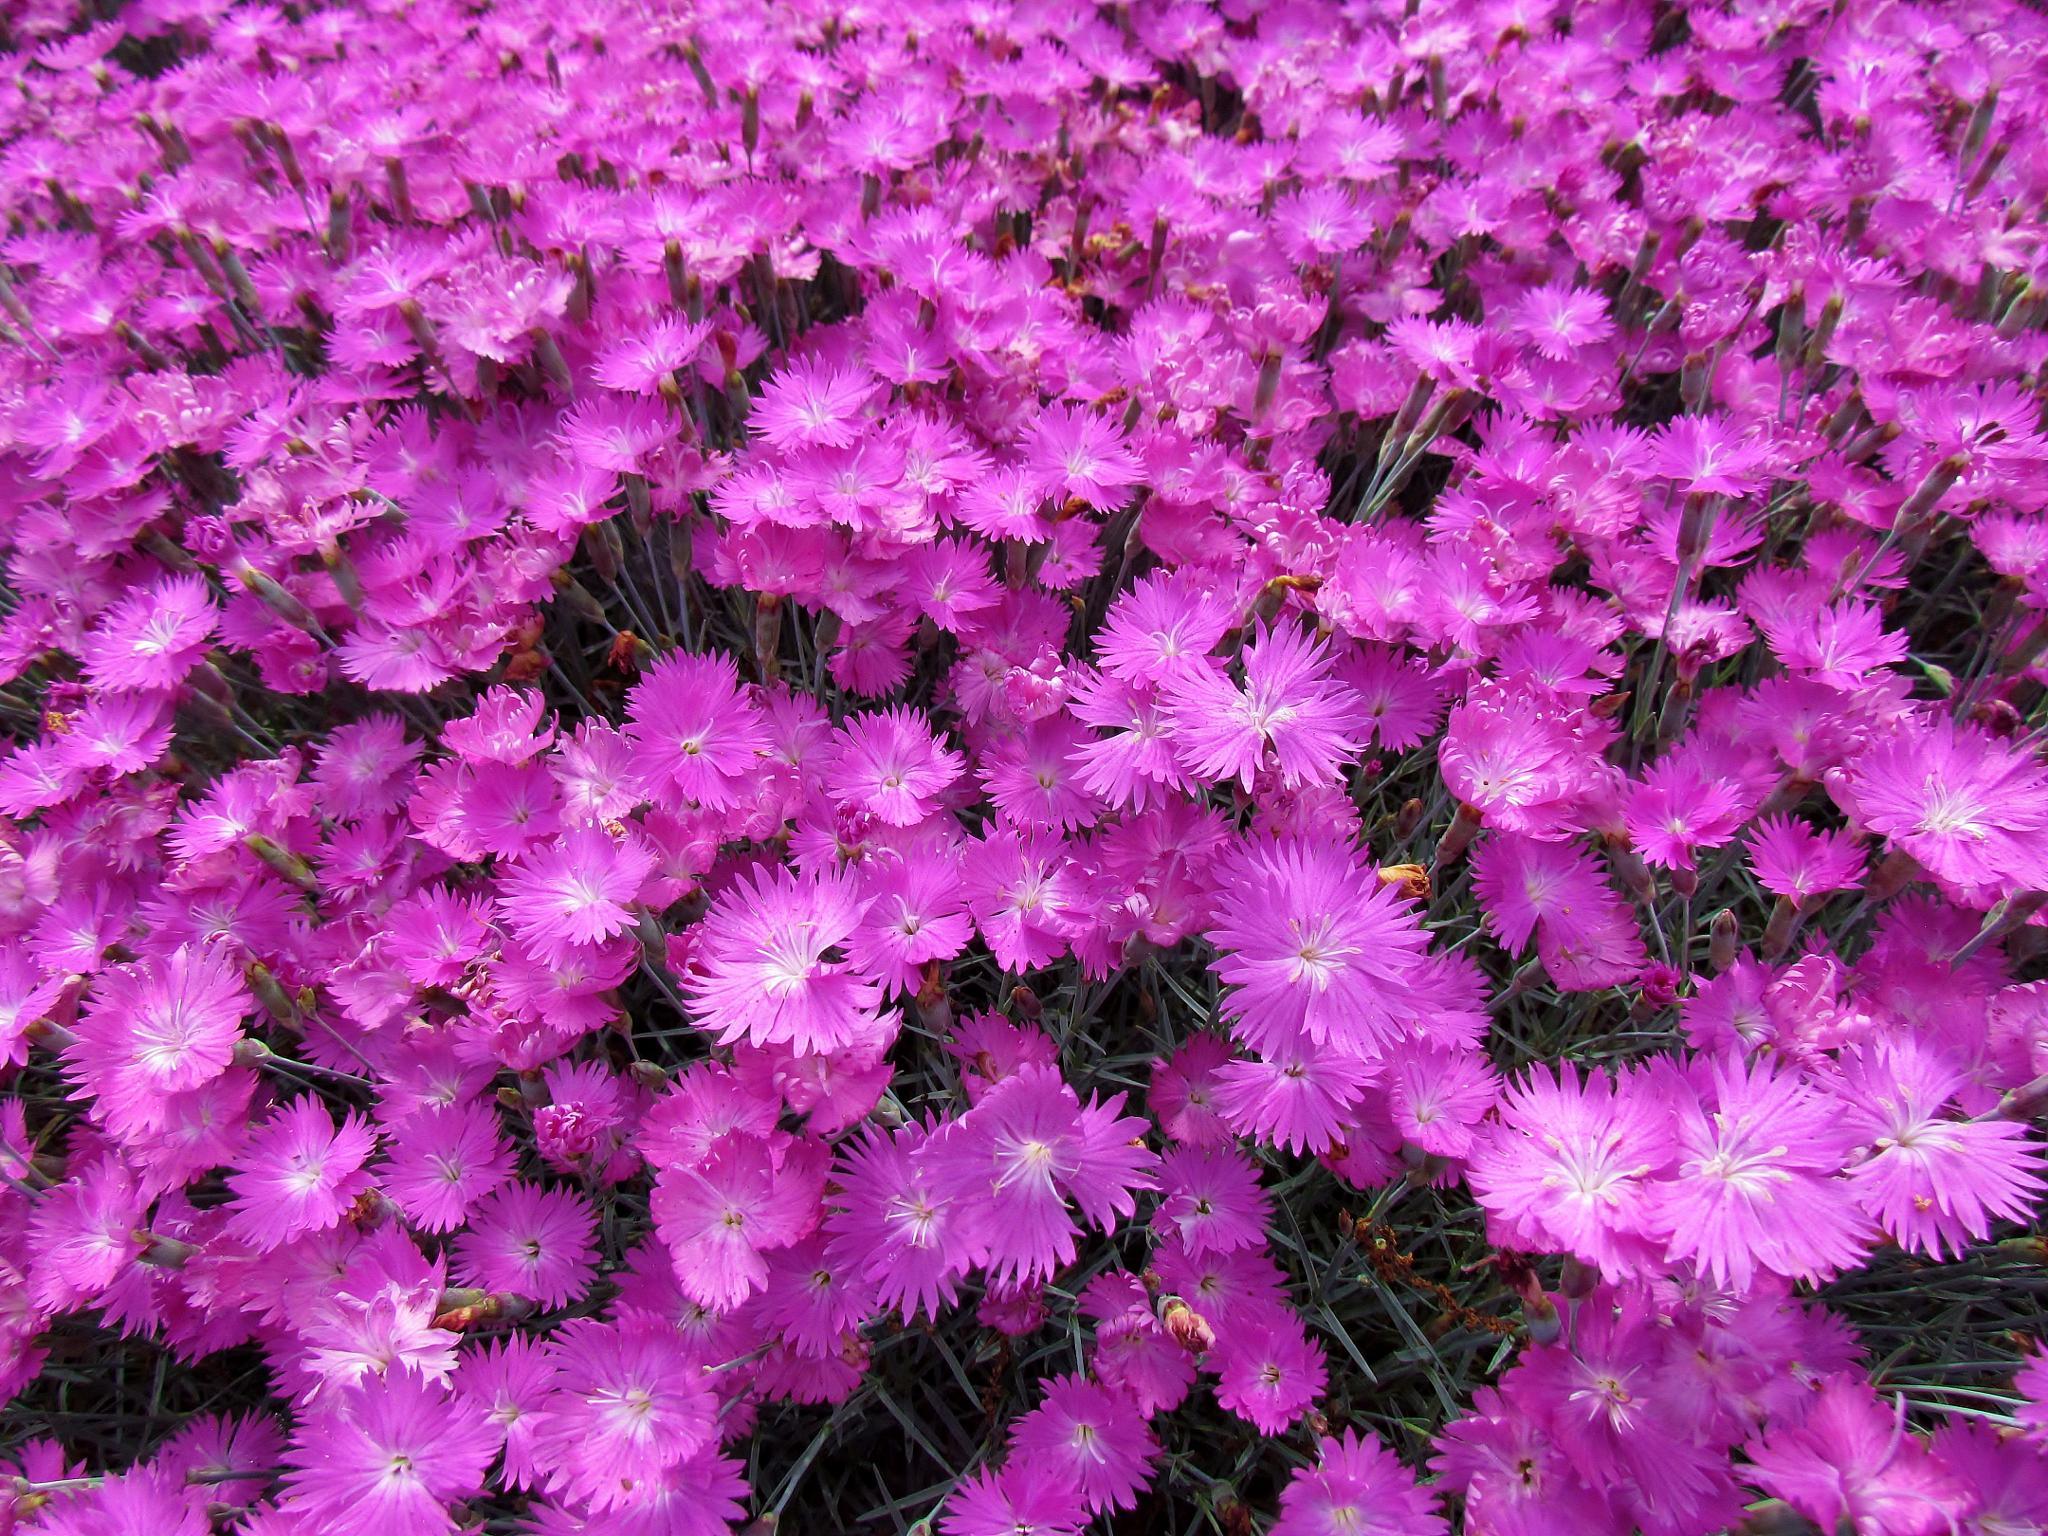 Flower in Bloom by Christine Keaton